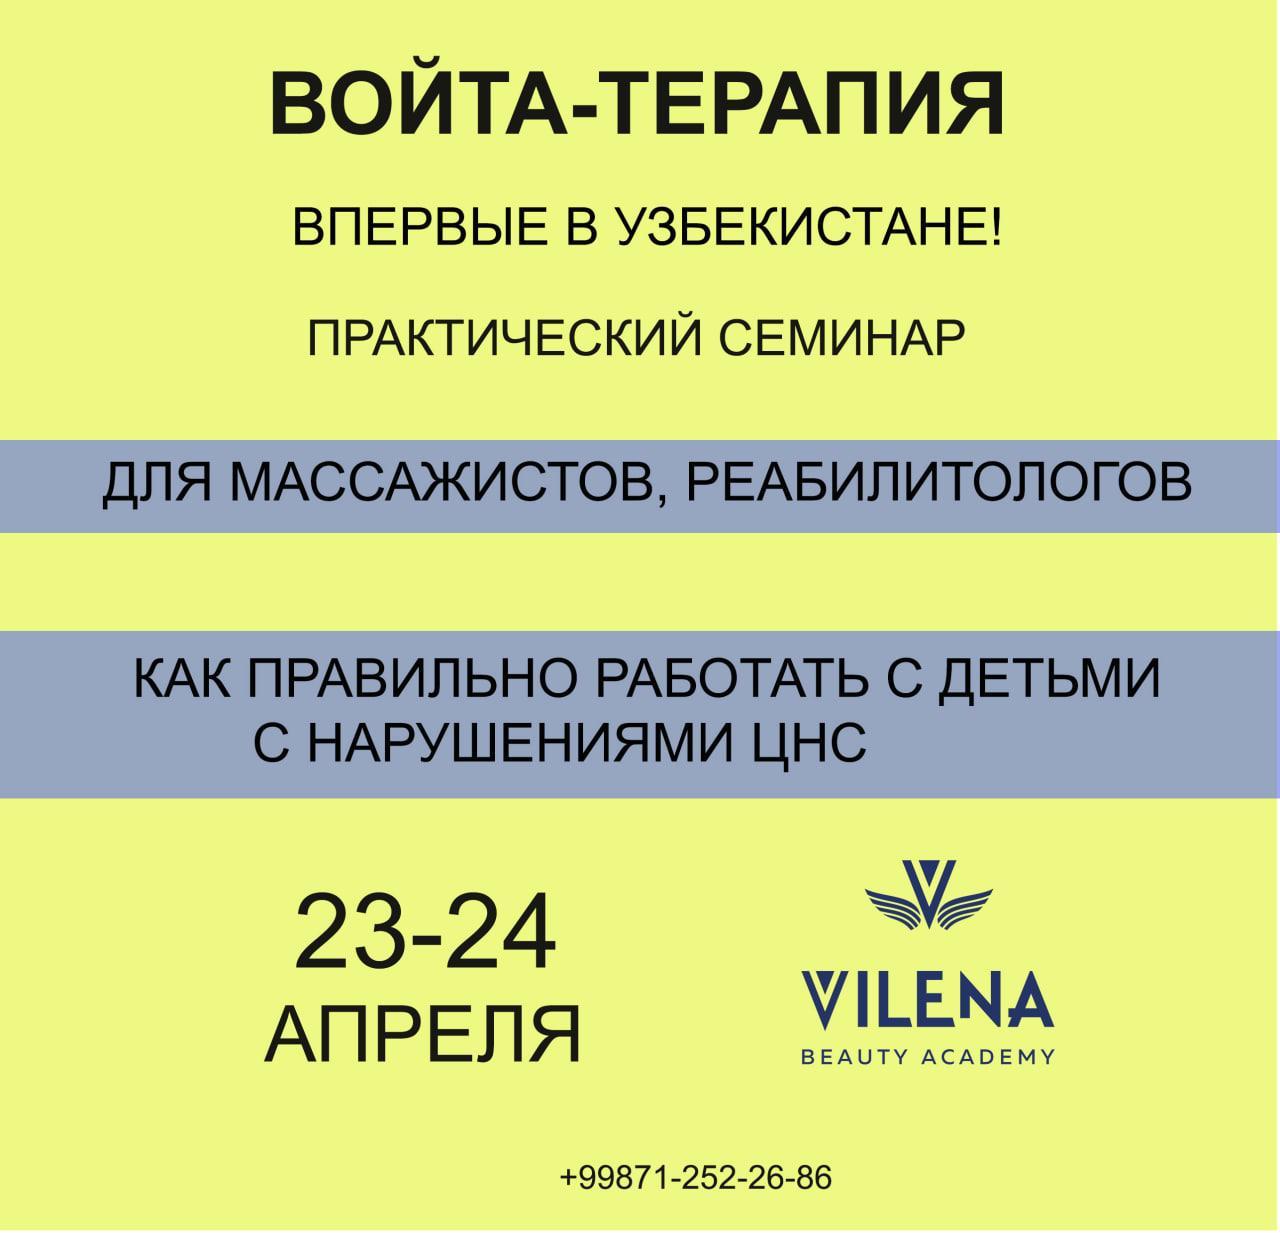 Войта-терапия, который состоится 23-24 апреля